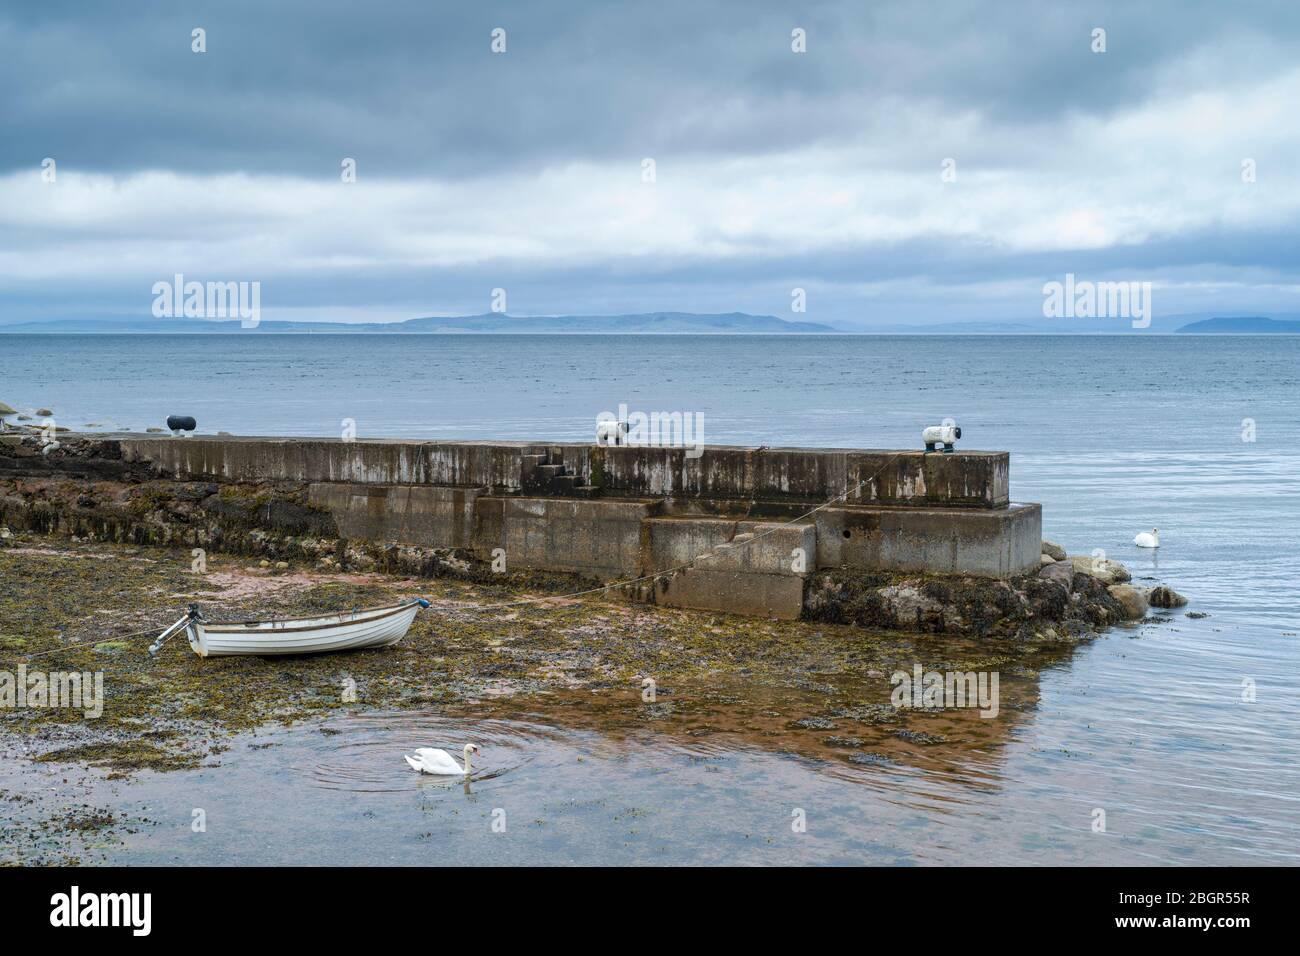 Barco de remo atado a un bolardo de ovejas y amarrado en la orilla del mar en el muelle cerca de Corrie en la Isla de Arran, Escocia Foto de stock